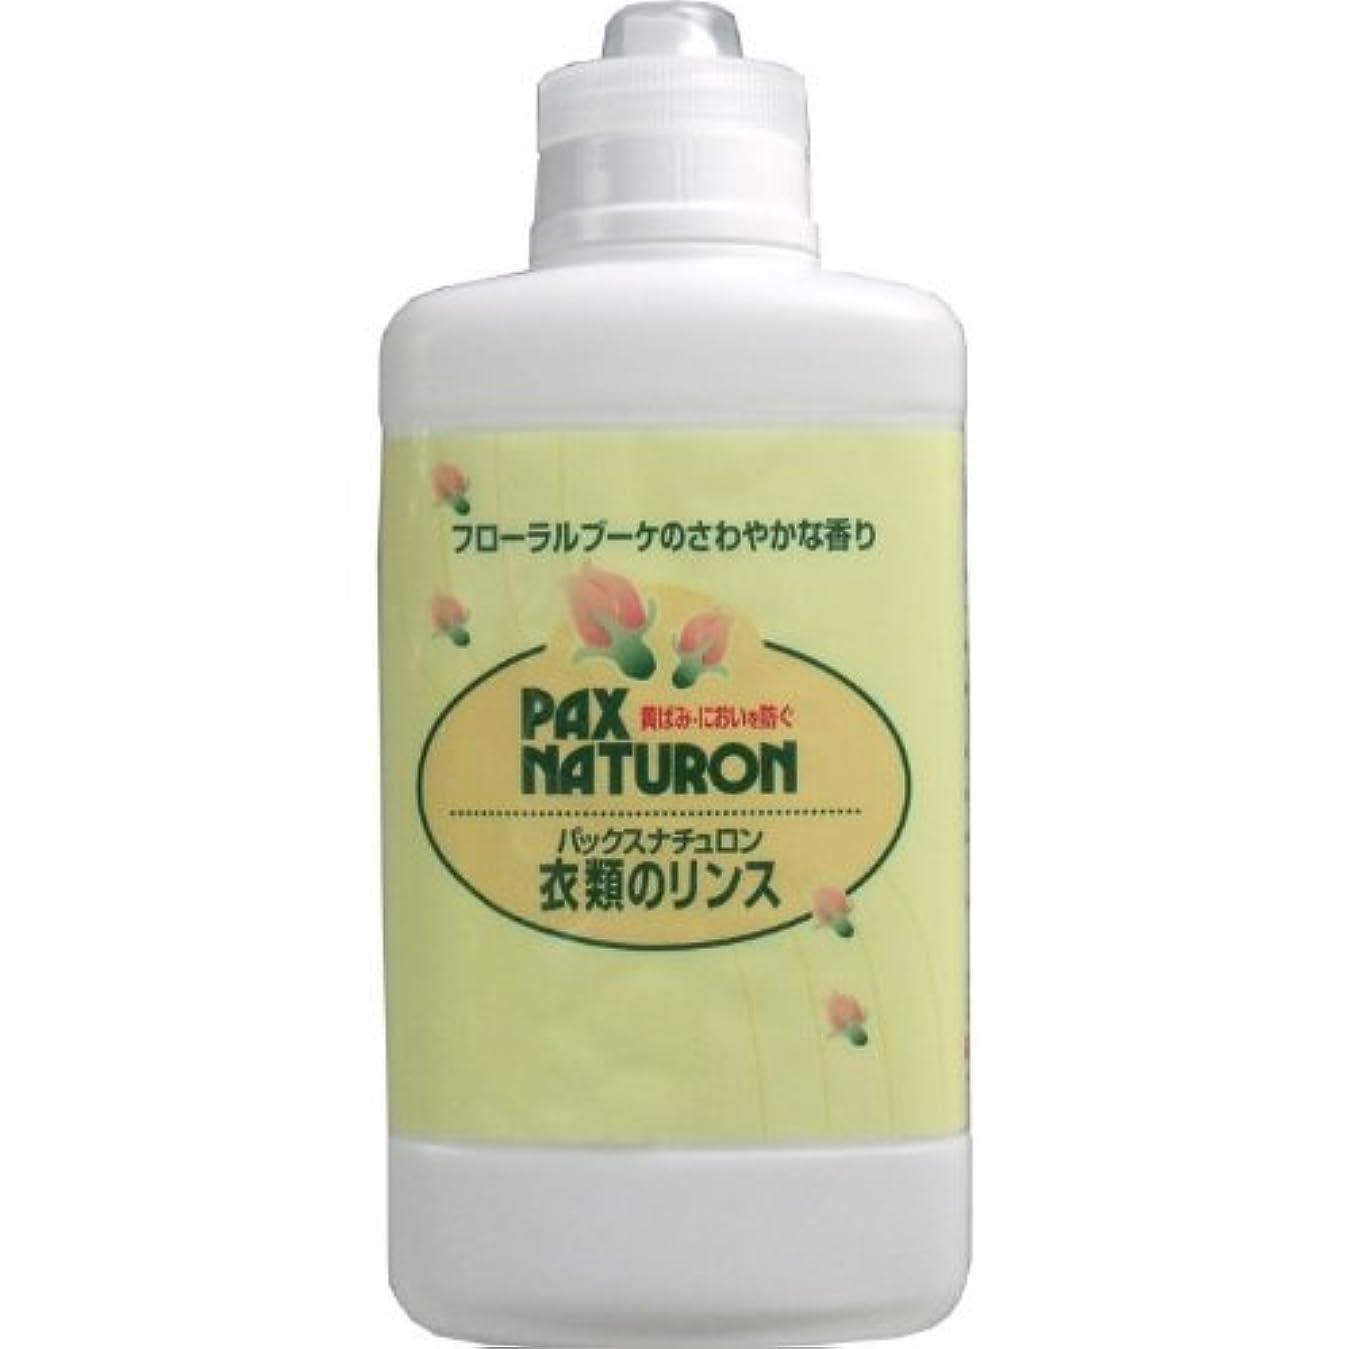 チャーミング立ち寄るファイターフローラルブーケのさわやかな香りです!黄ばみやにおいの発生を防ぎます!雑菌の繁殖を防ぐヒノキチオールを配合!衣類のリンス 610mL